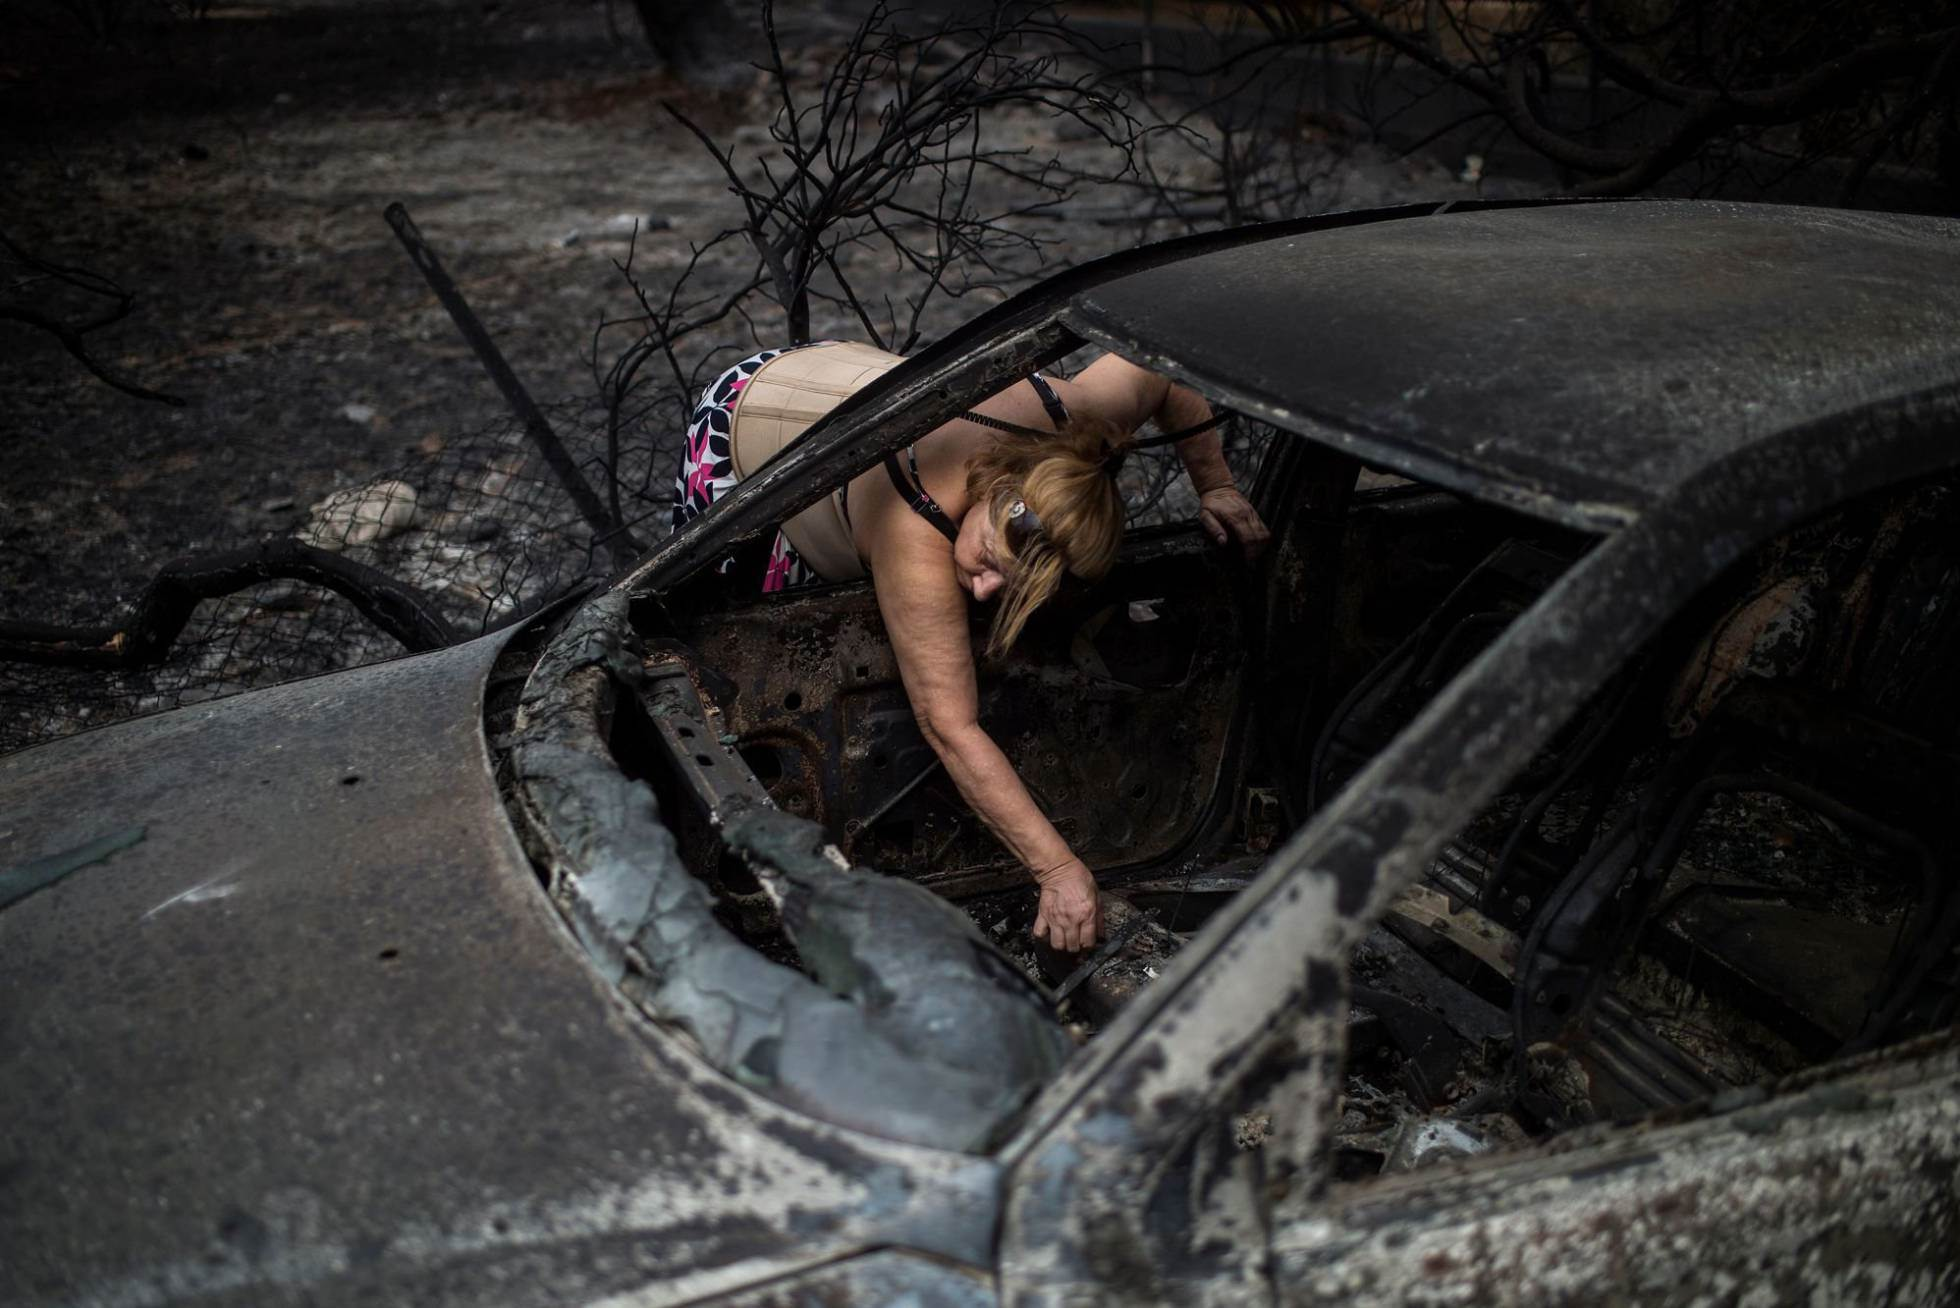 Una mujer coge papeles en el interior de su vehículo calcinado tras el incendio forestal en la ciudad griega de Mati.